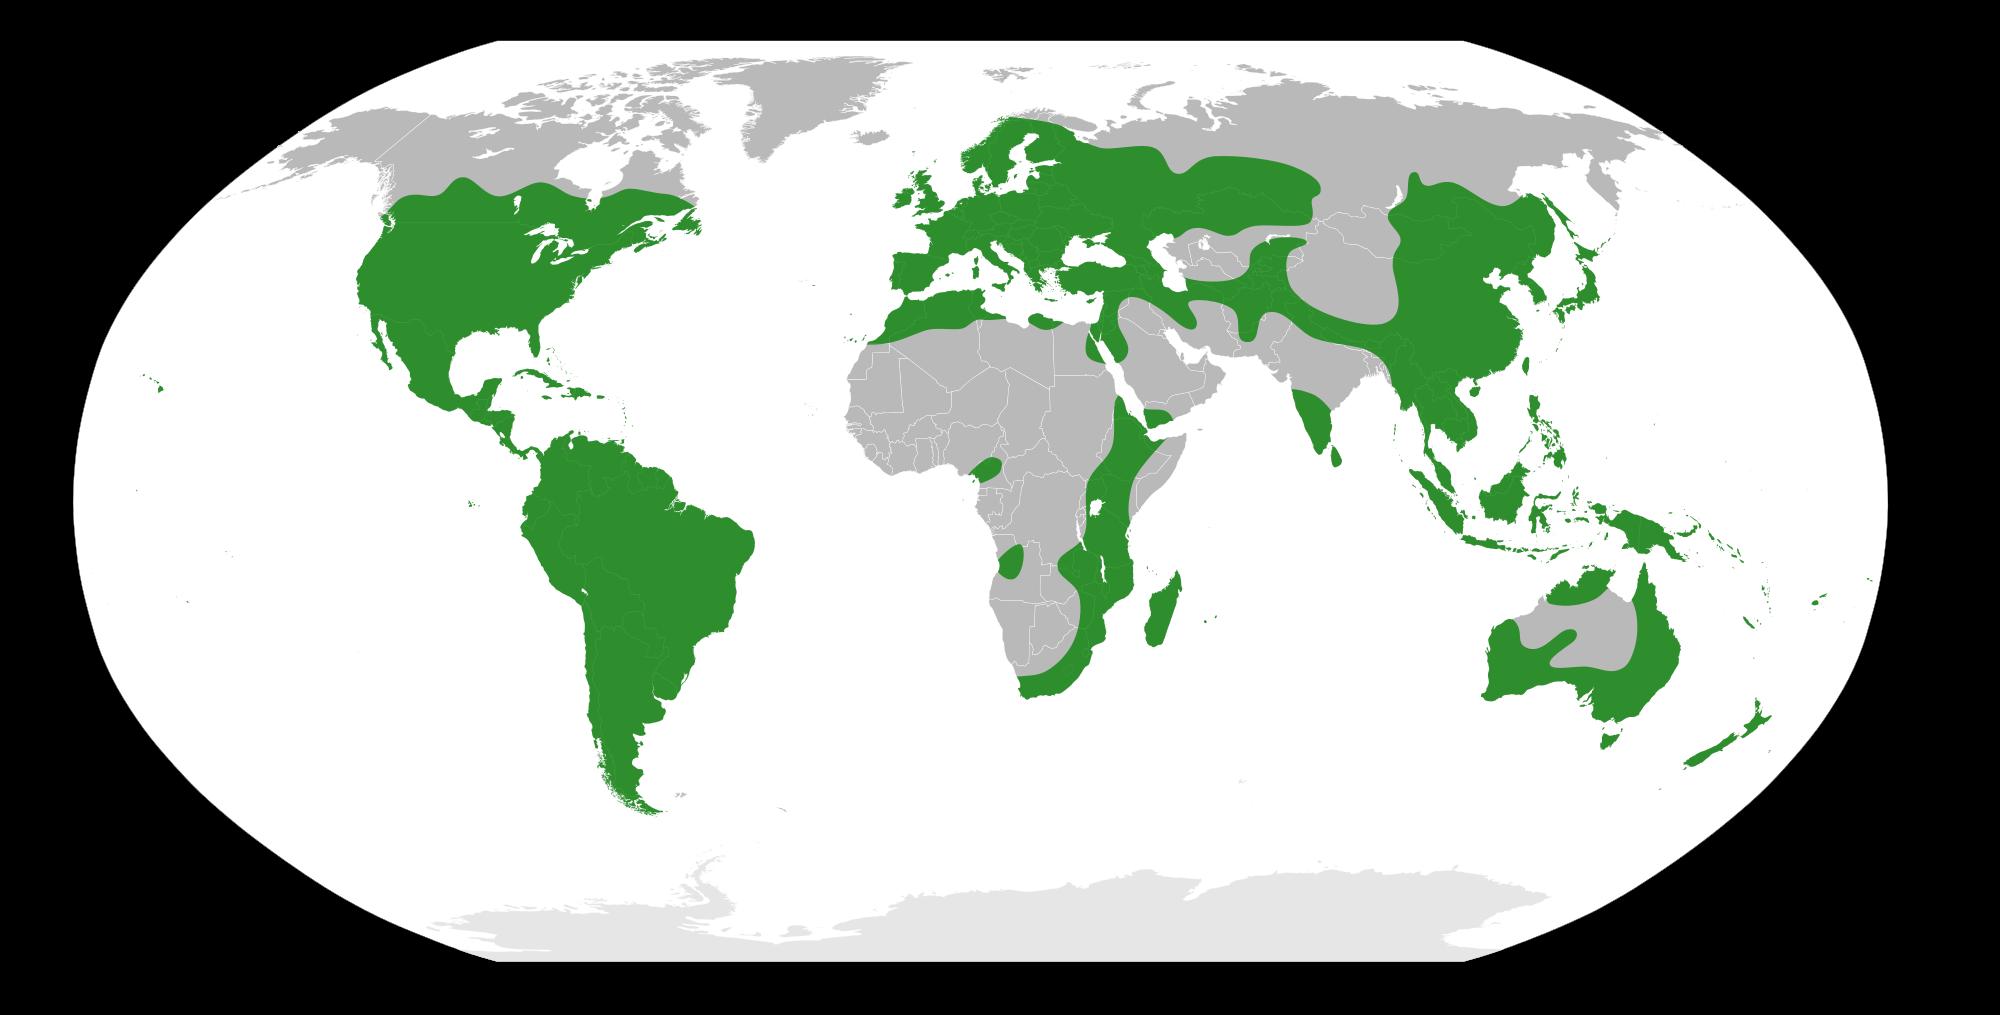 File:Rhamnaceae Distribution.svg.